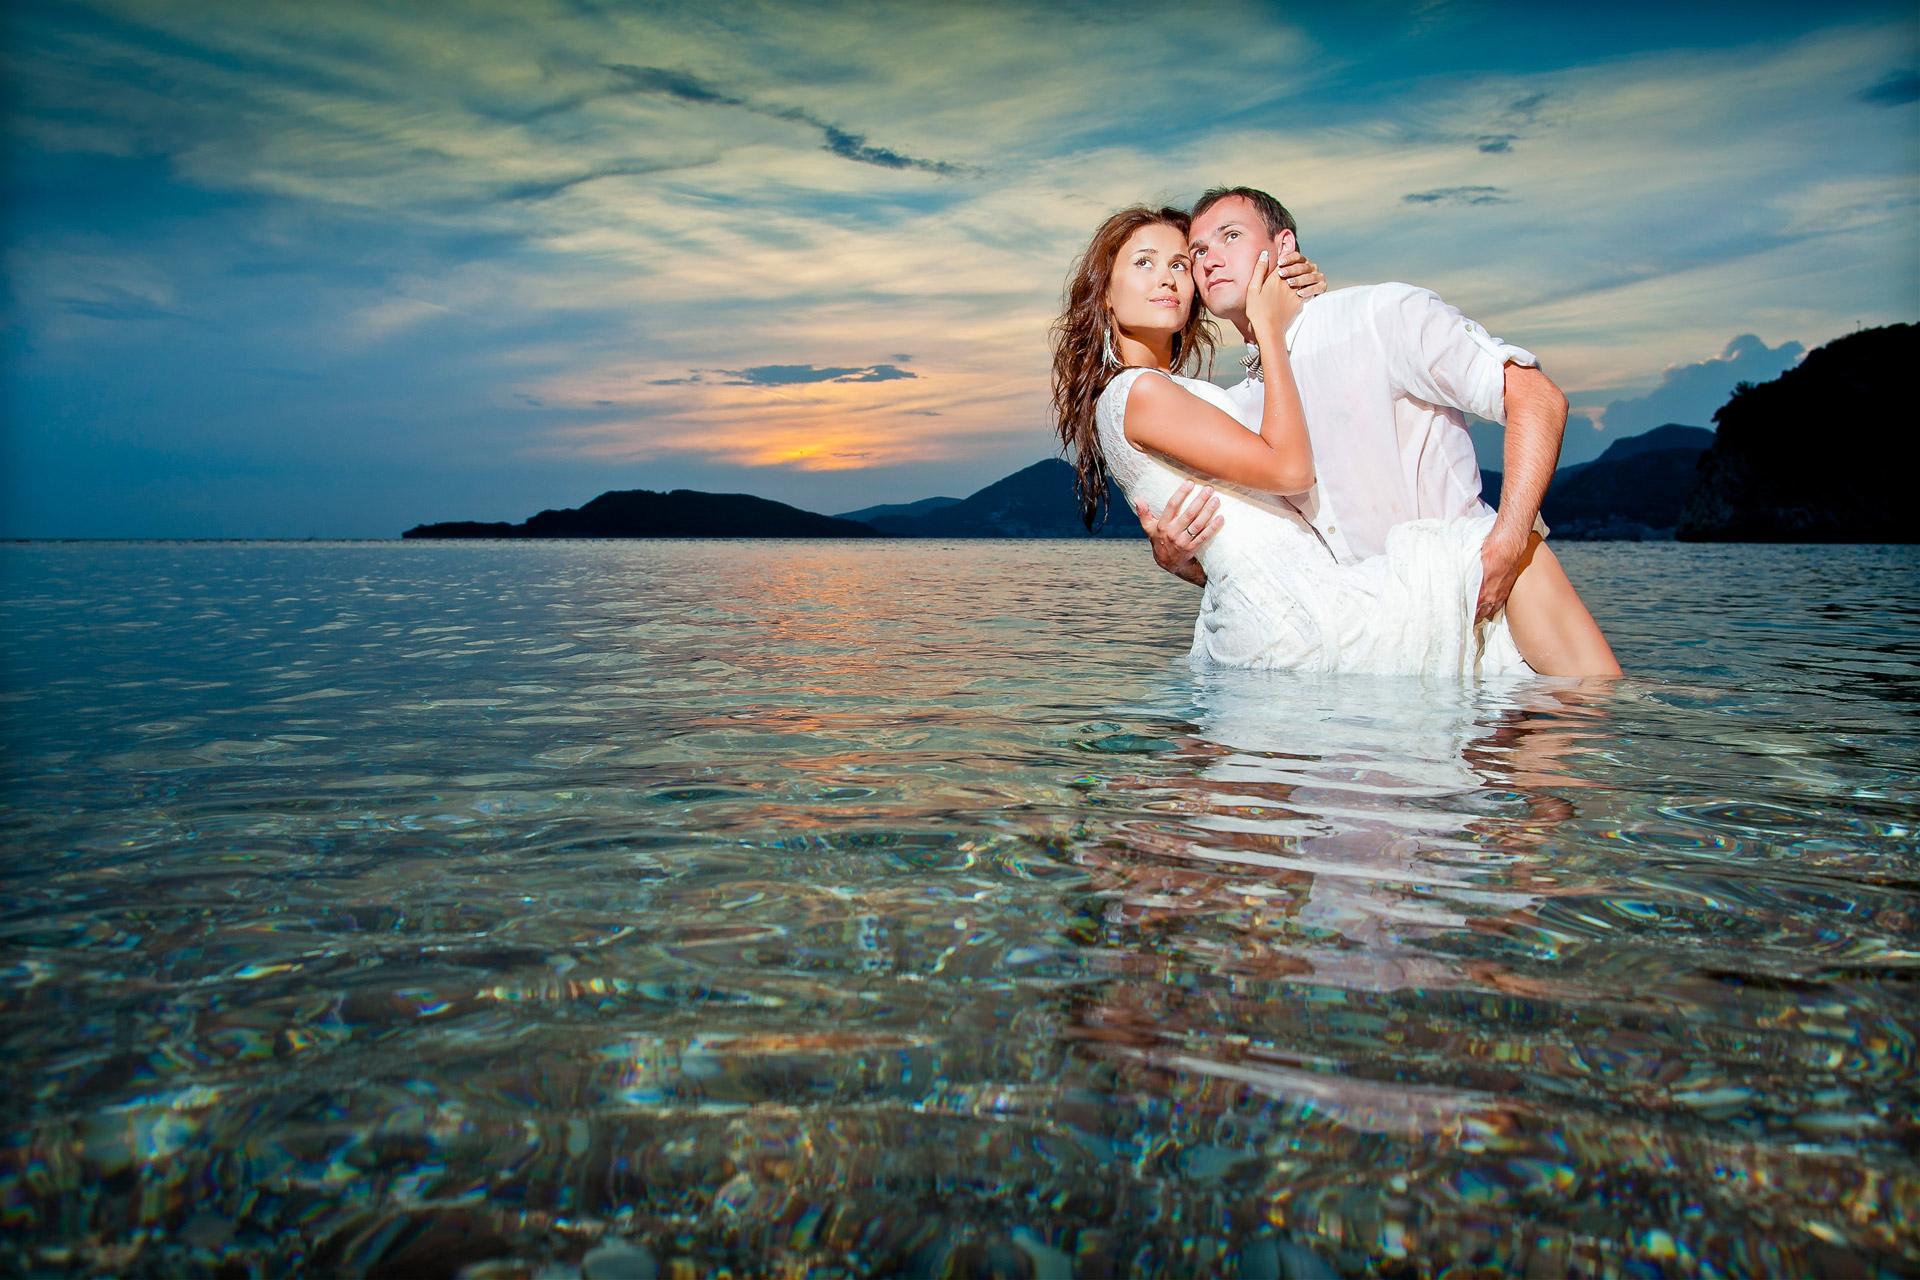 Mladenci u vodi, svadbeni fotograf